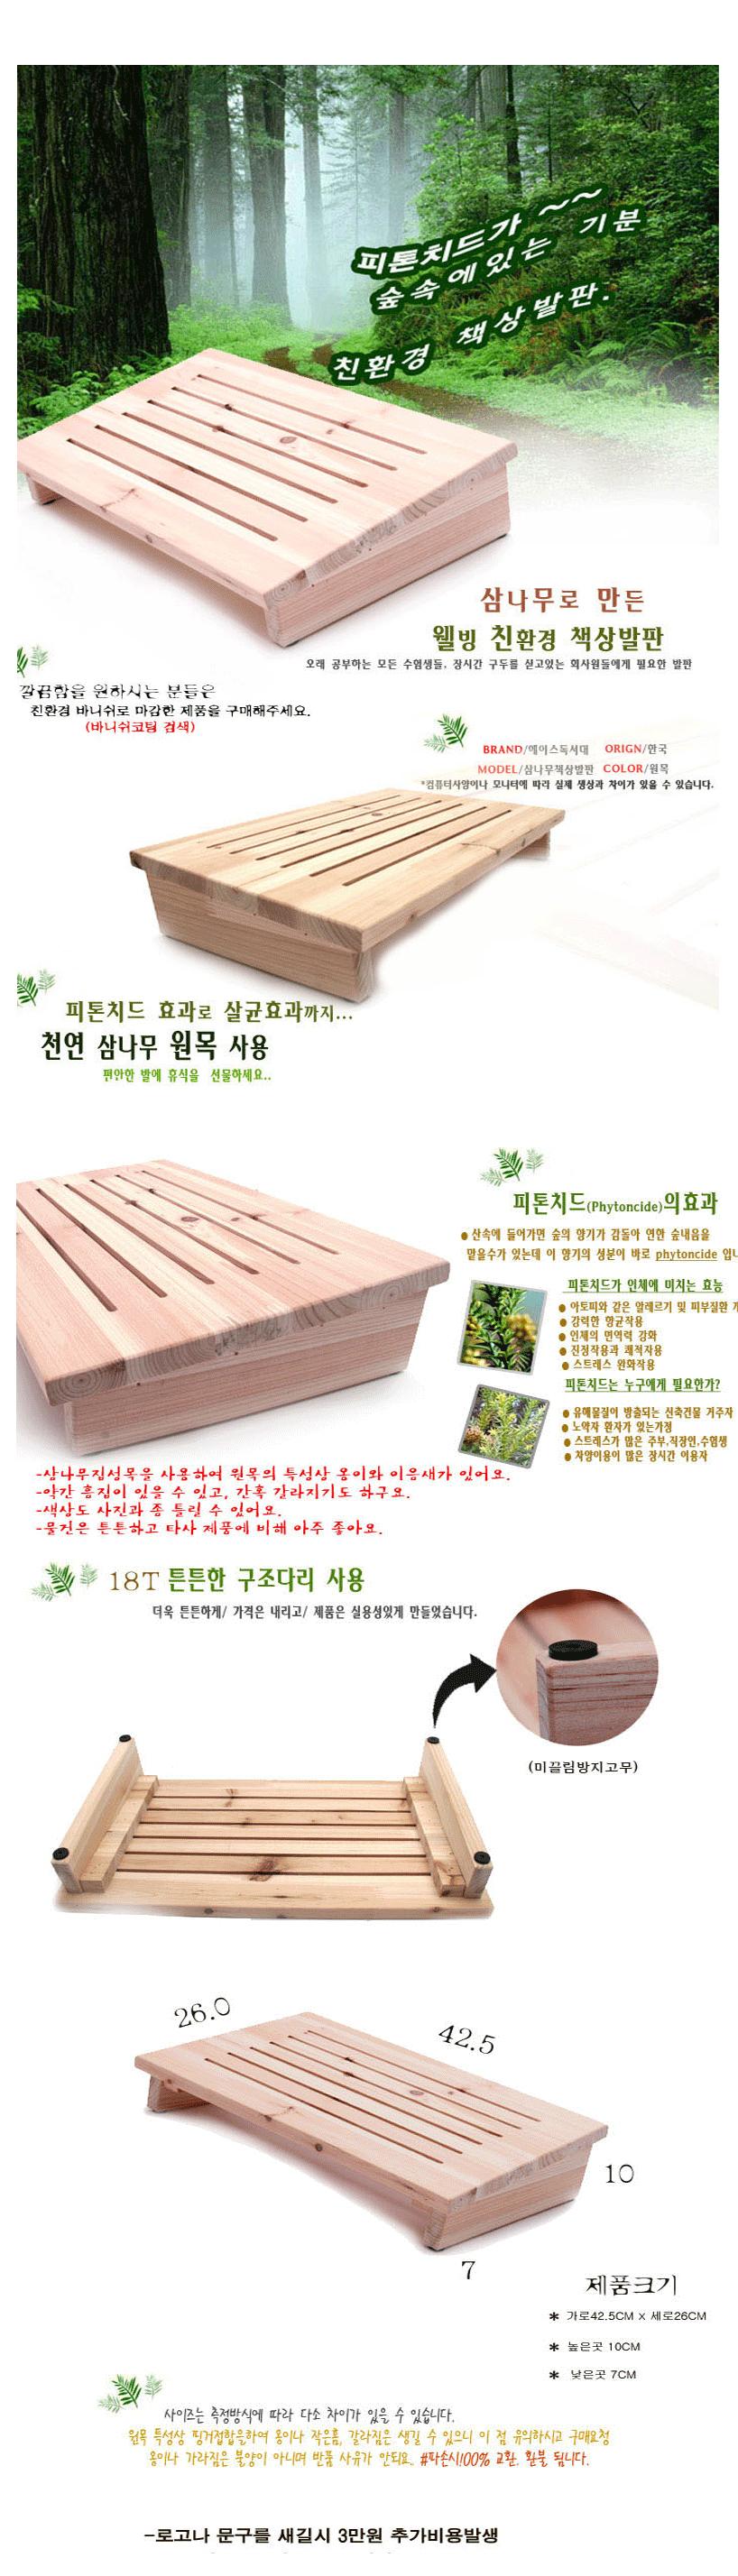 삼나무 원목 new책상발판 - 에이스독서대, 13,000원, 데스크가구, 발받침대